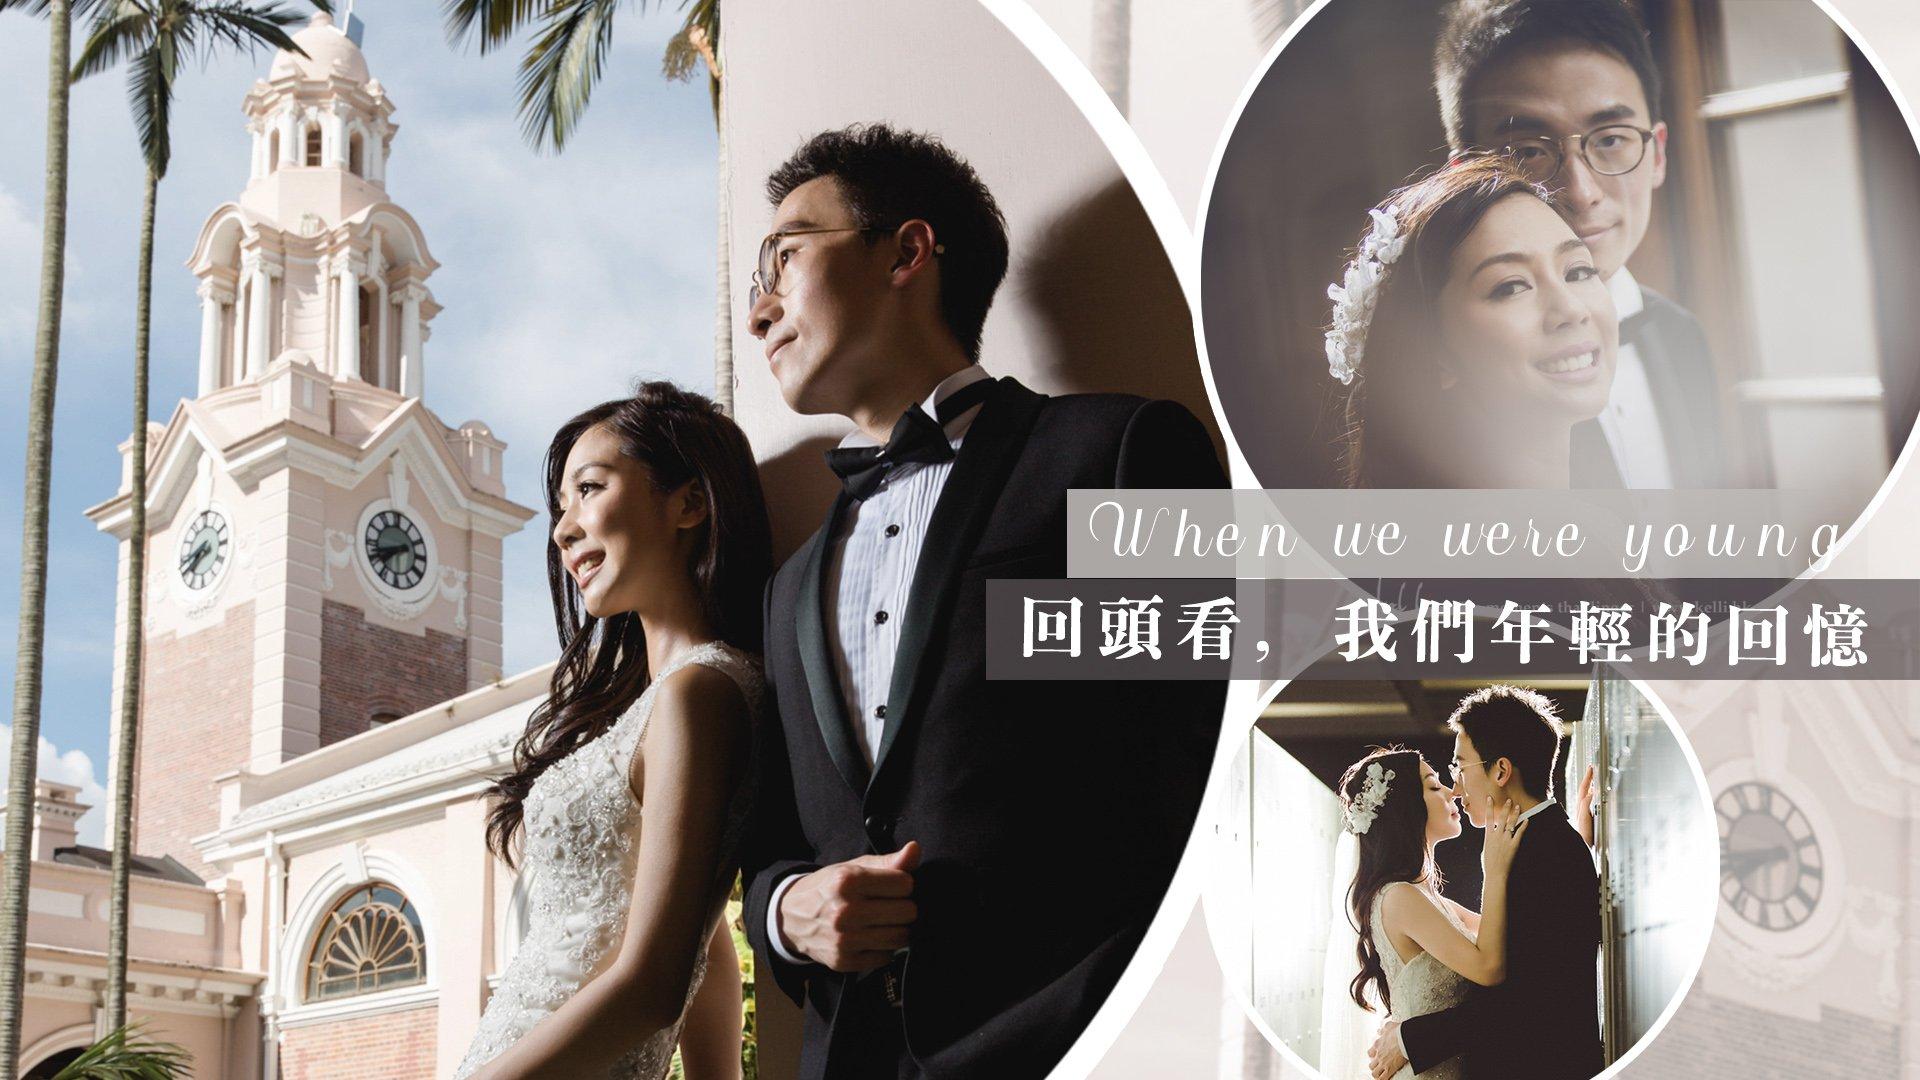 回頭看,我們年輕的回憶 | 香港婚紗攝影 HK Prewedding